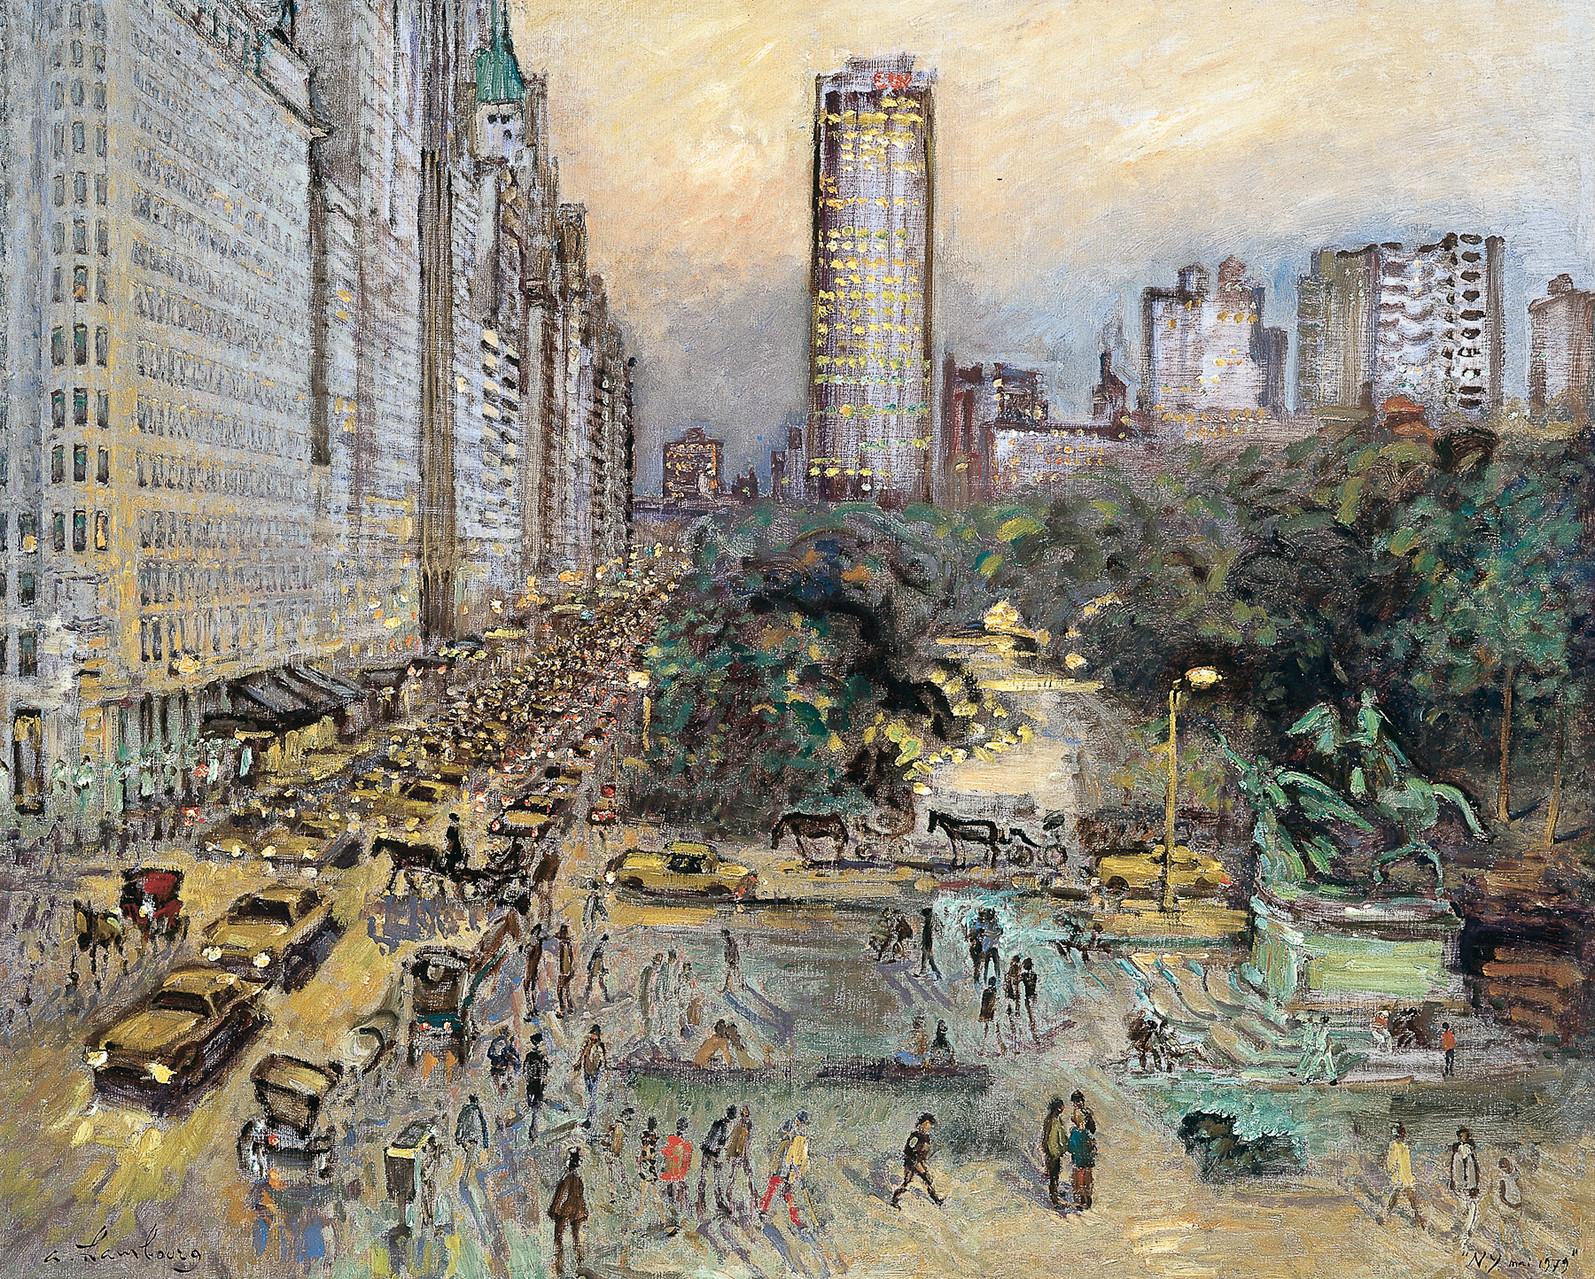 «New York s'allume» 1979, 81cmx100cm, NY47